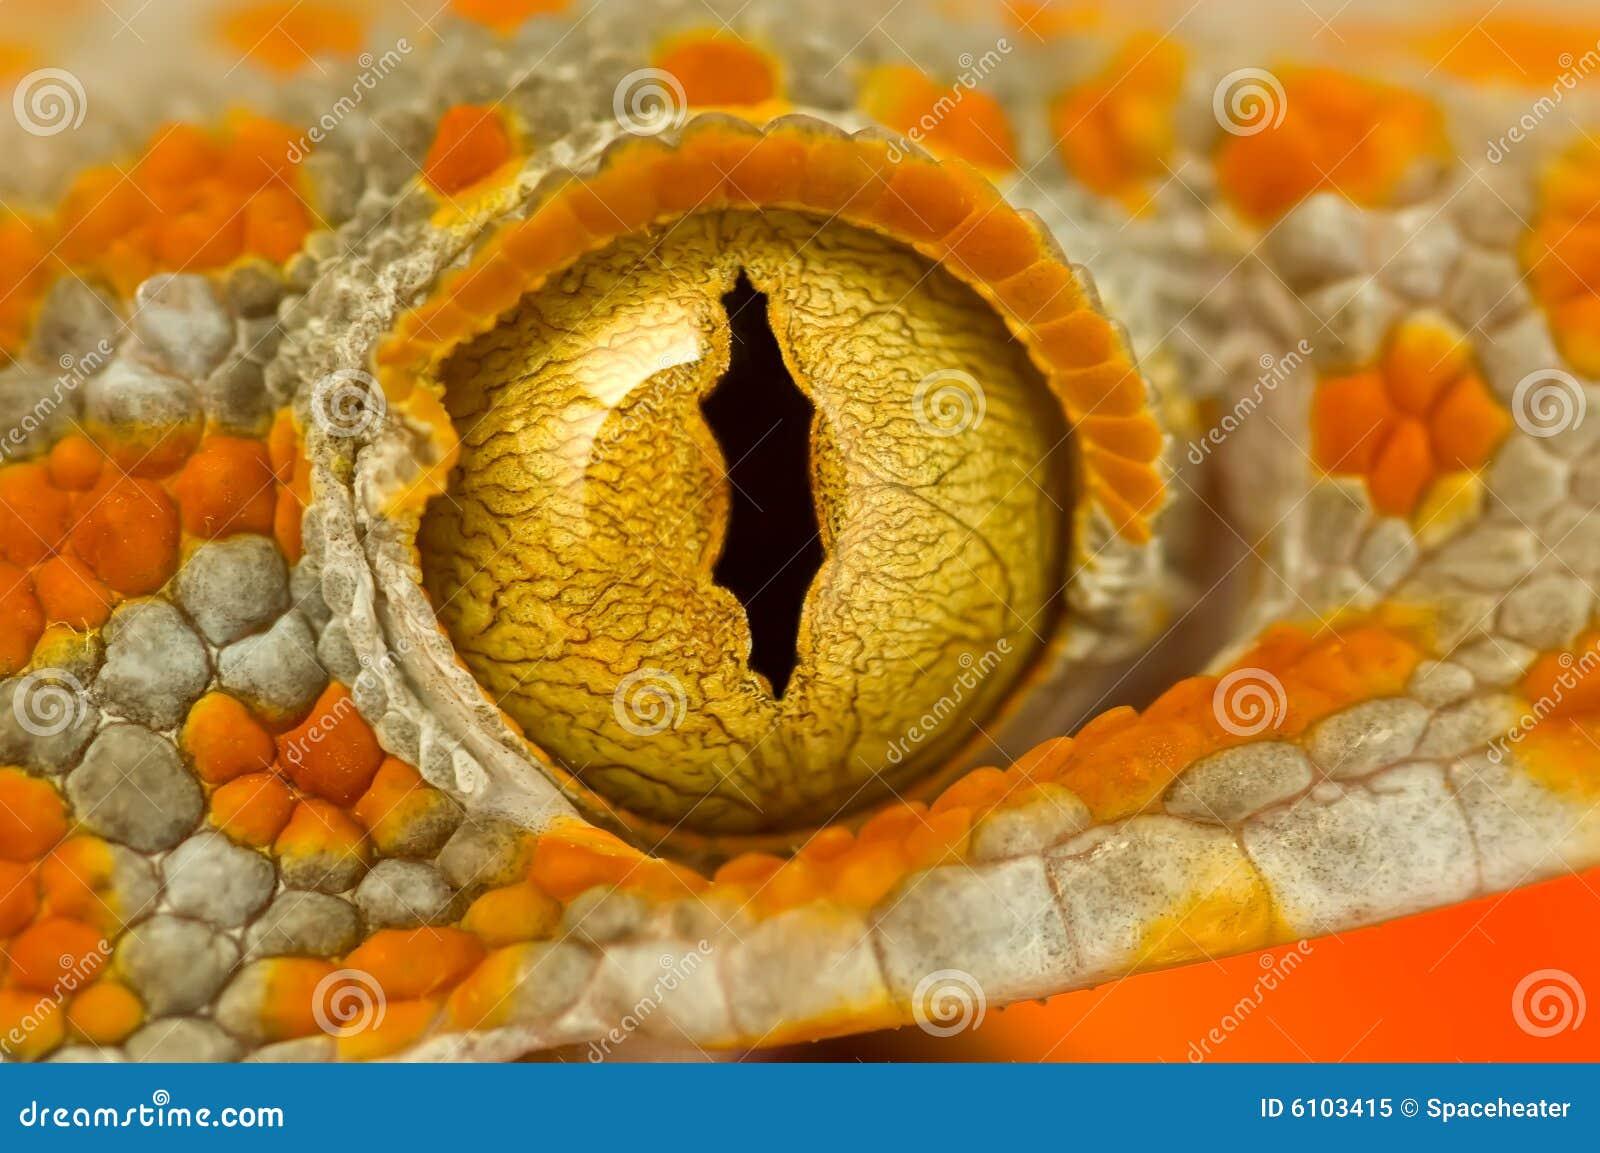 Auge eines Tokay Gecko